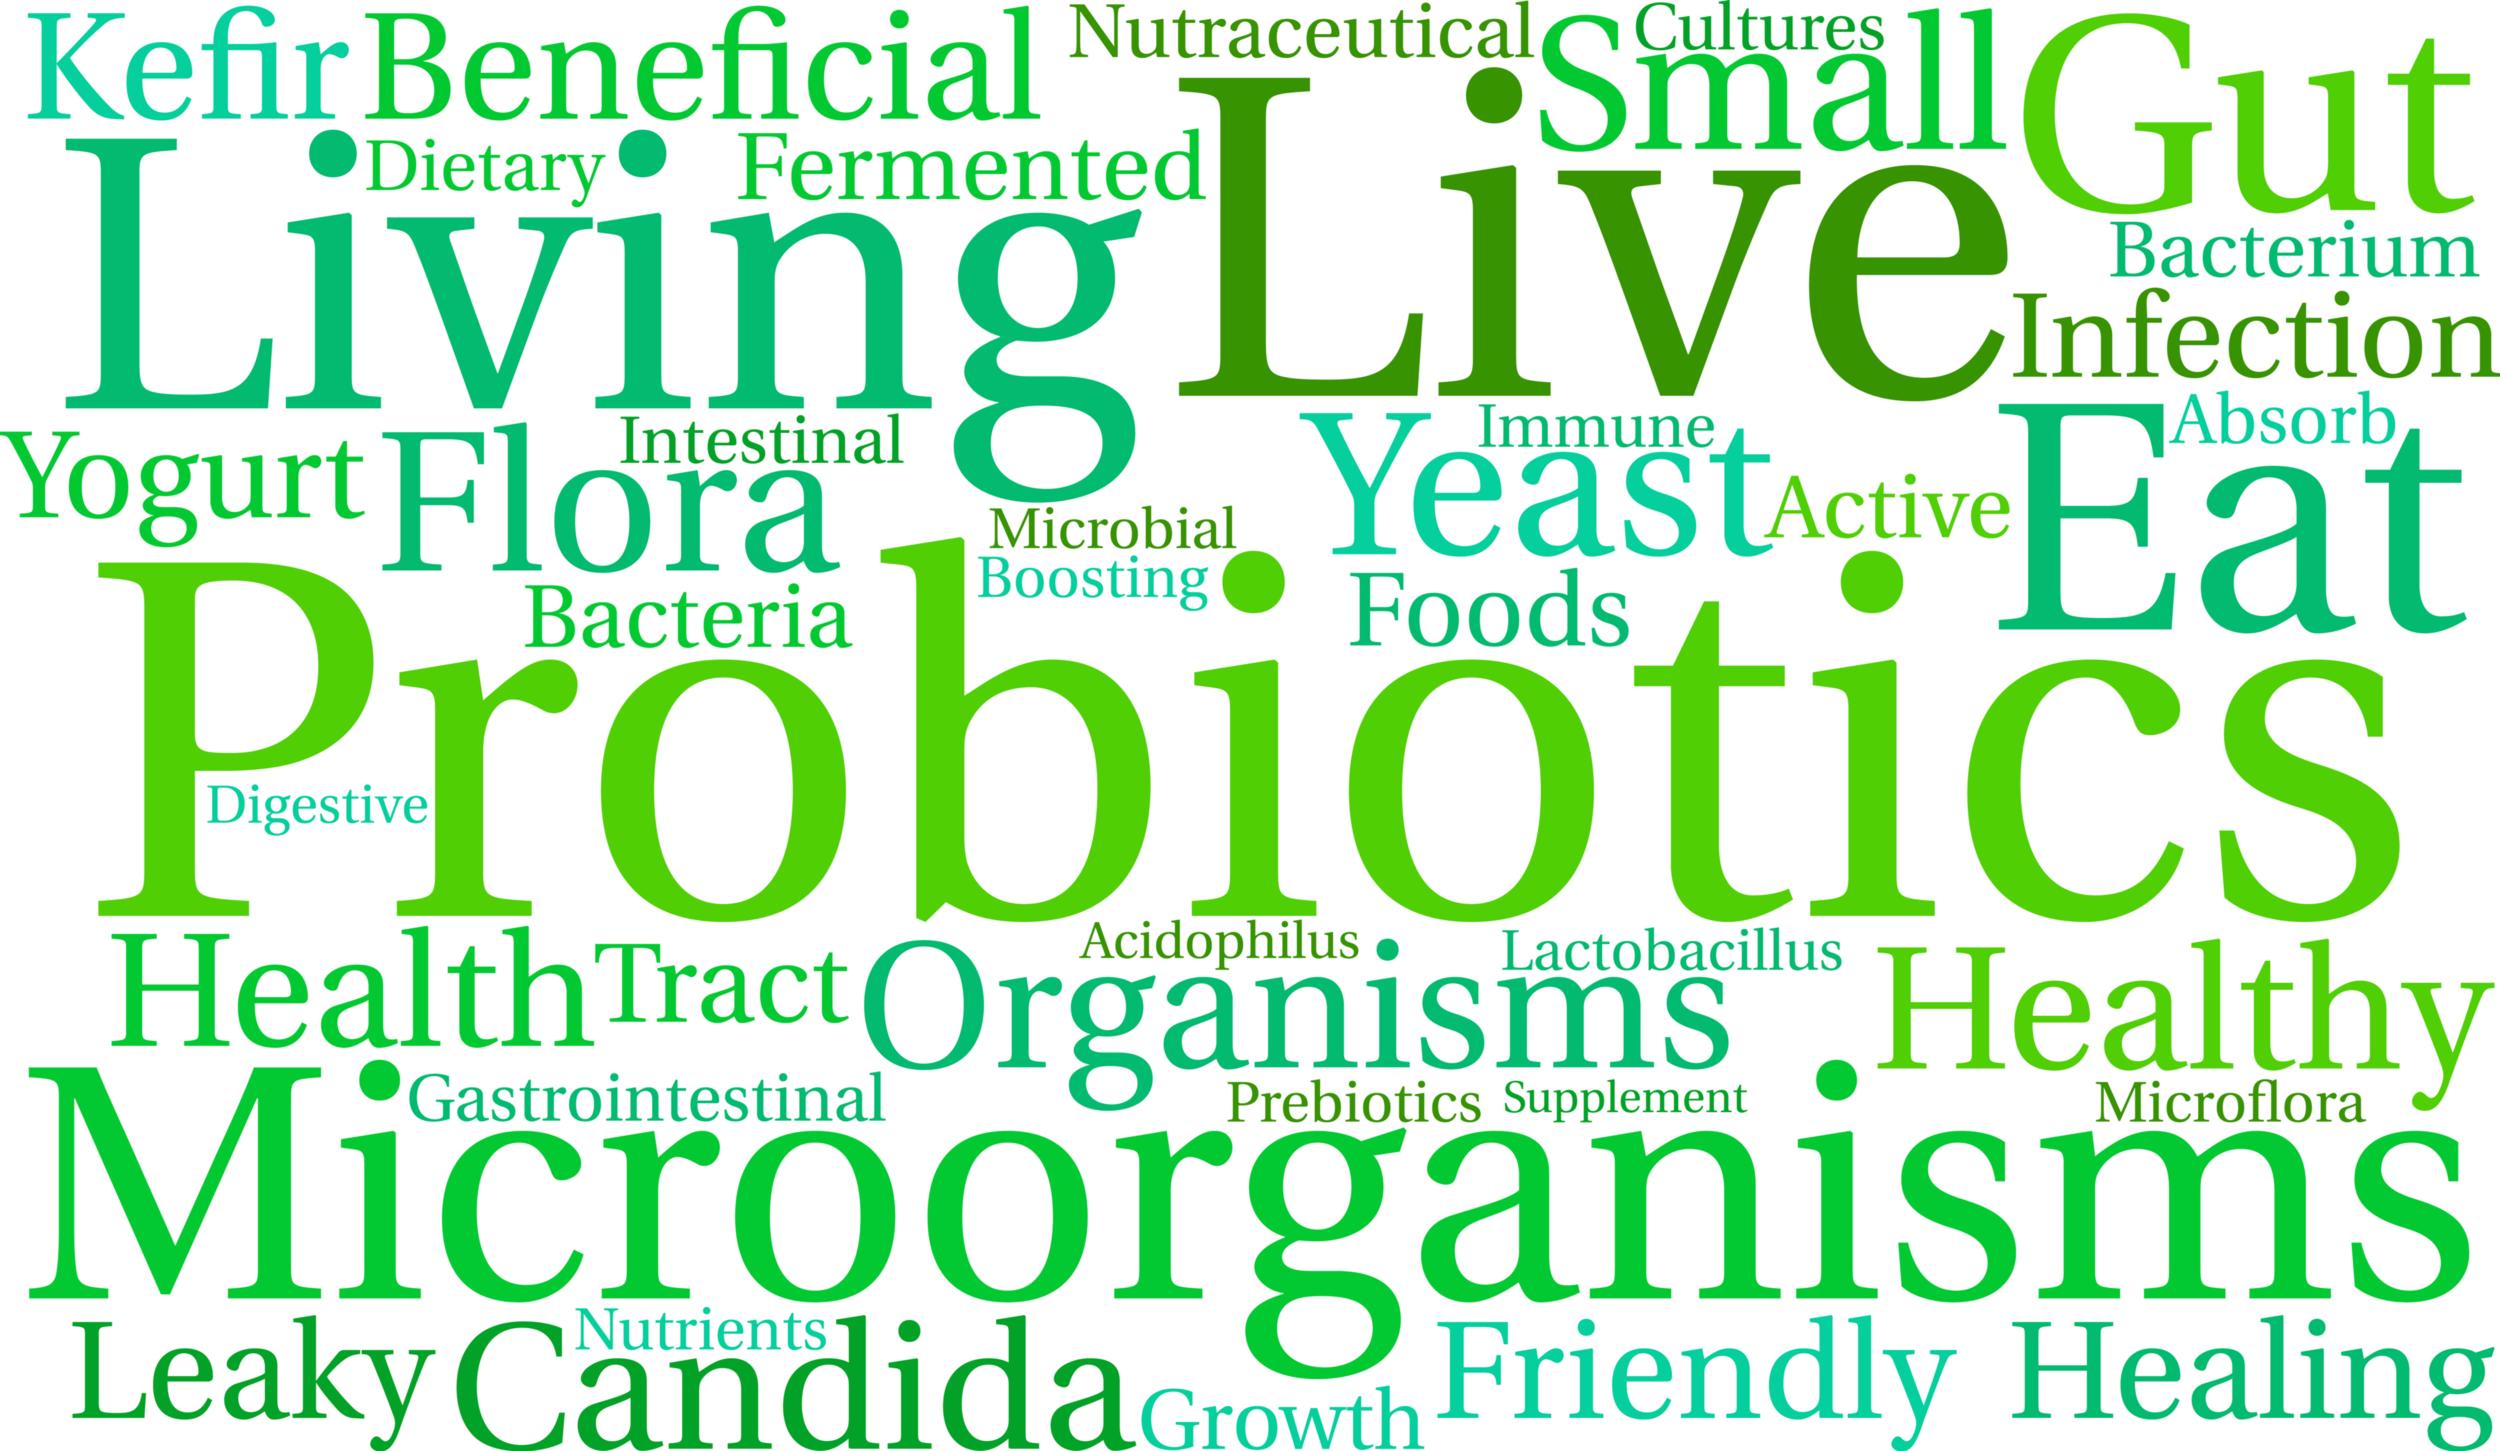 Probiotics - Lactobacillus acidophilus